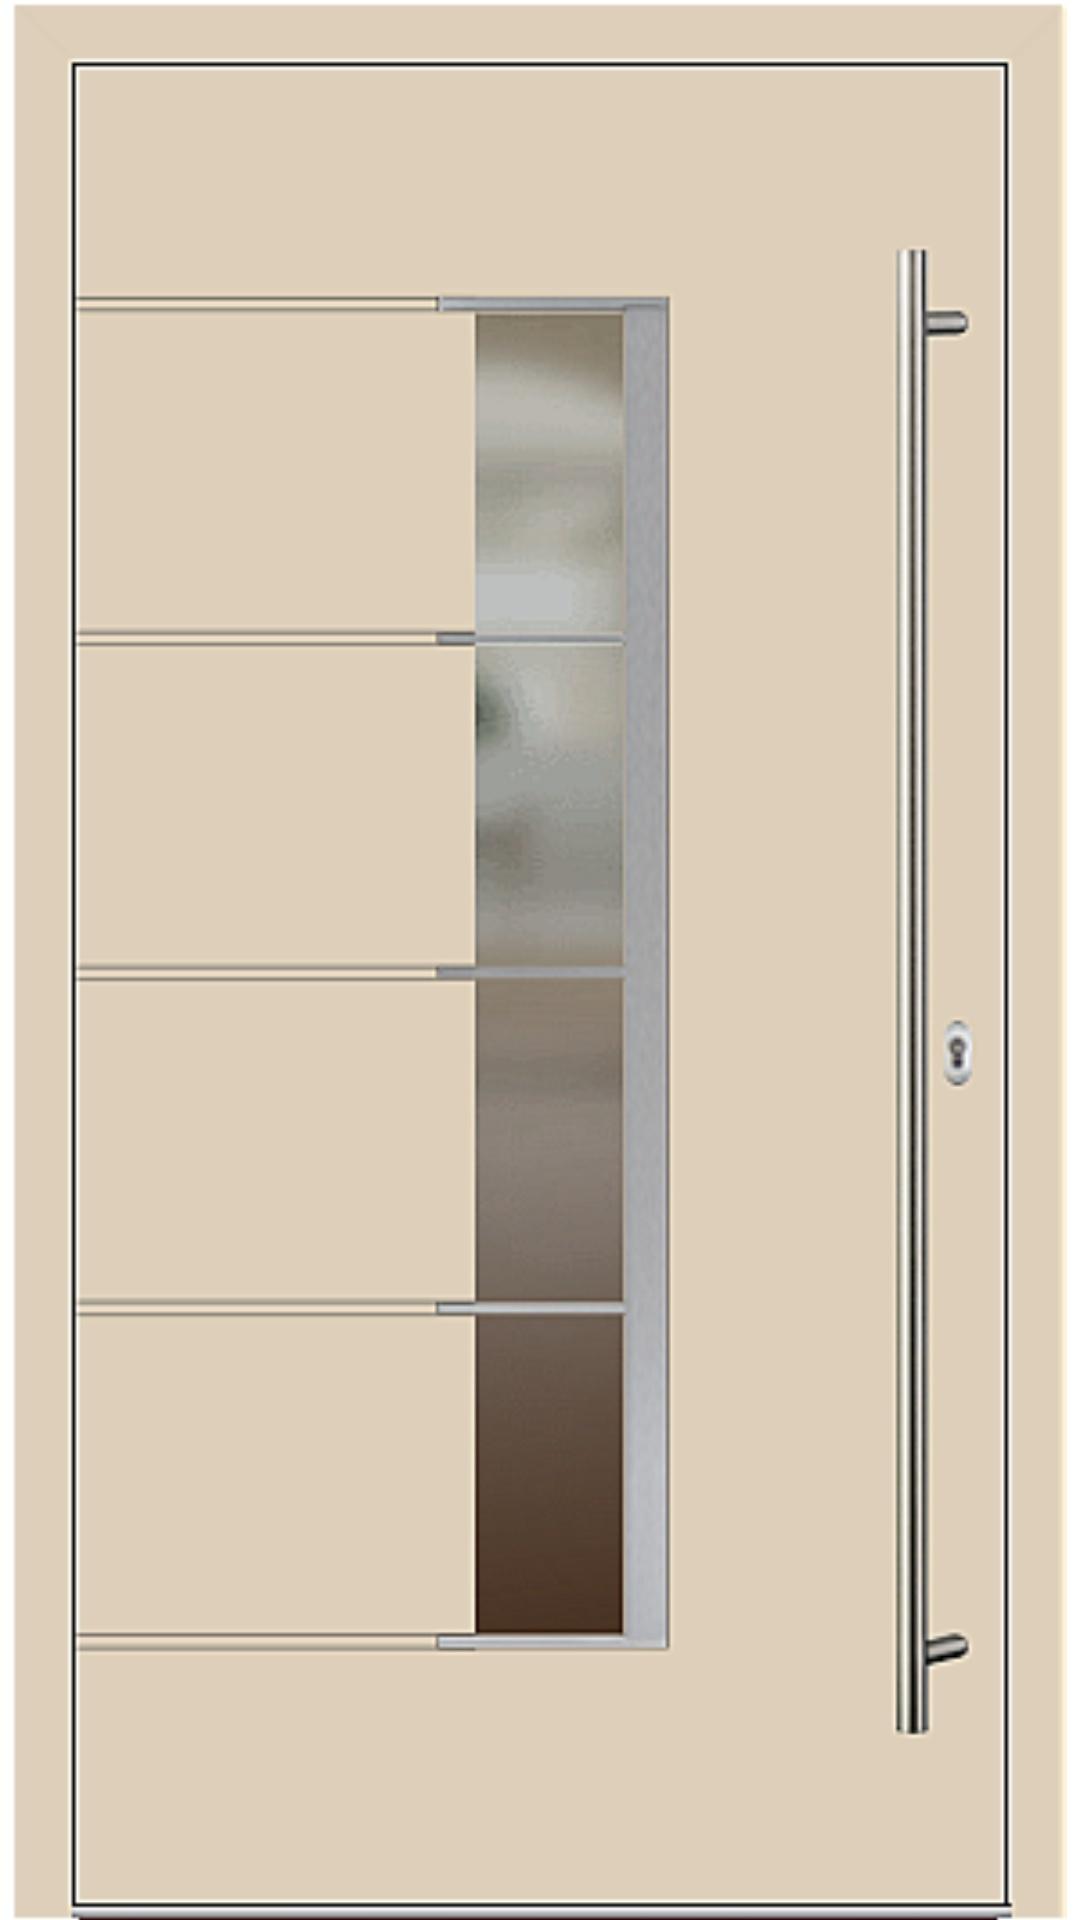 Kunststoff Haustür Modell 6978-79 beige